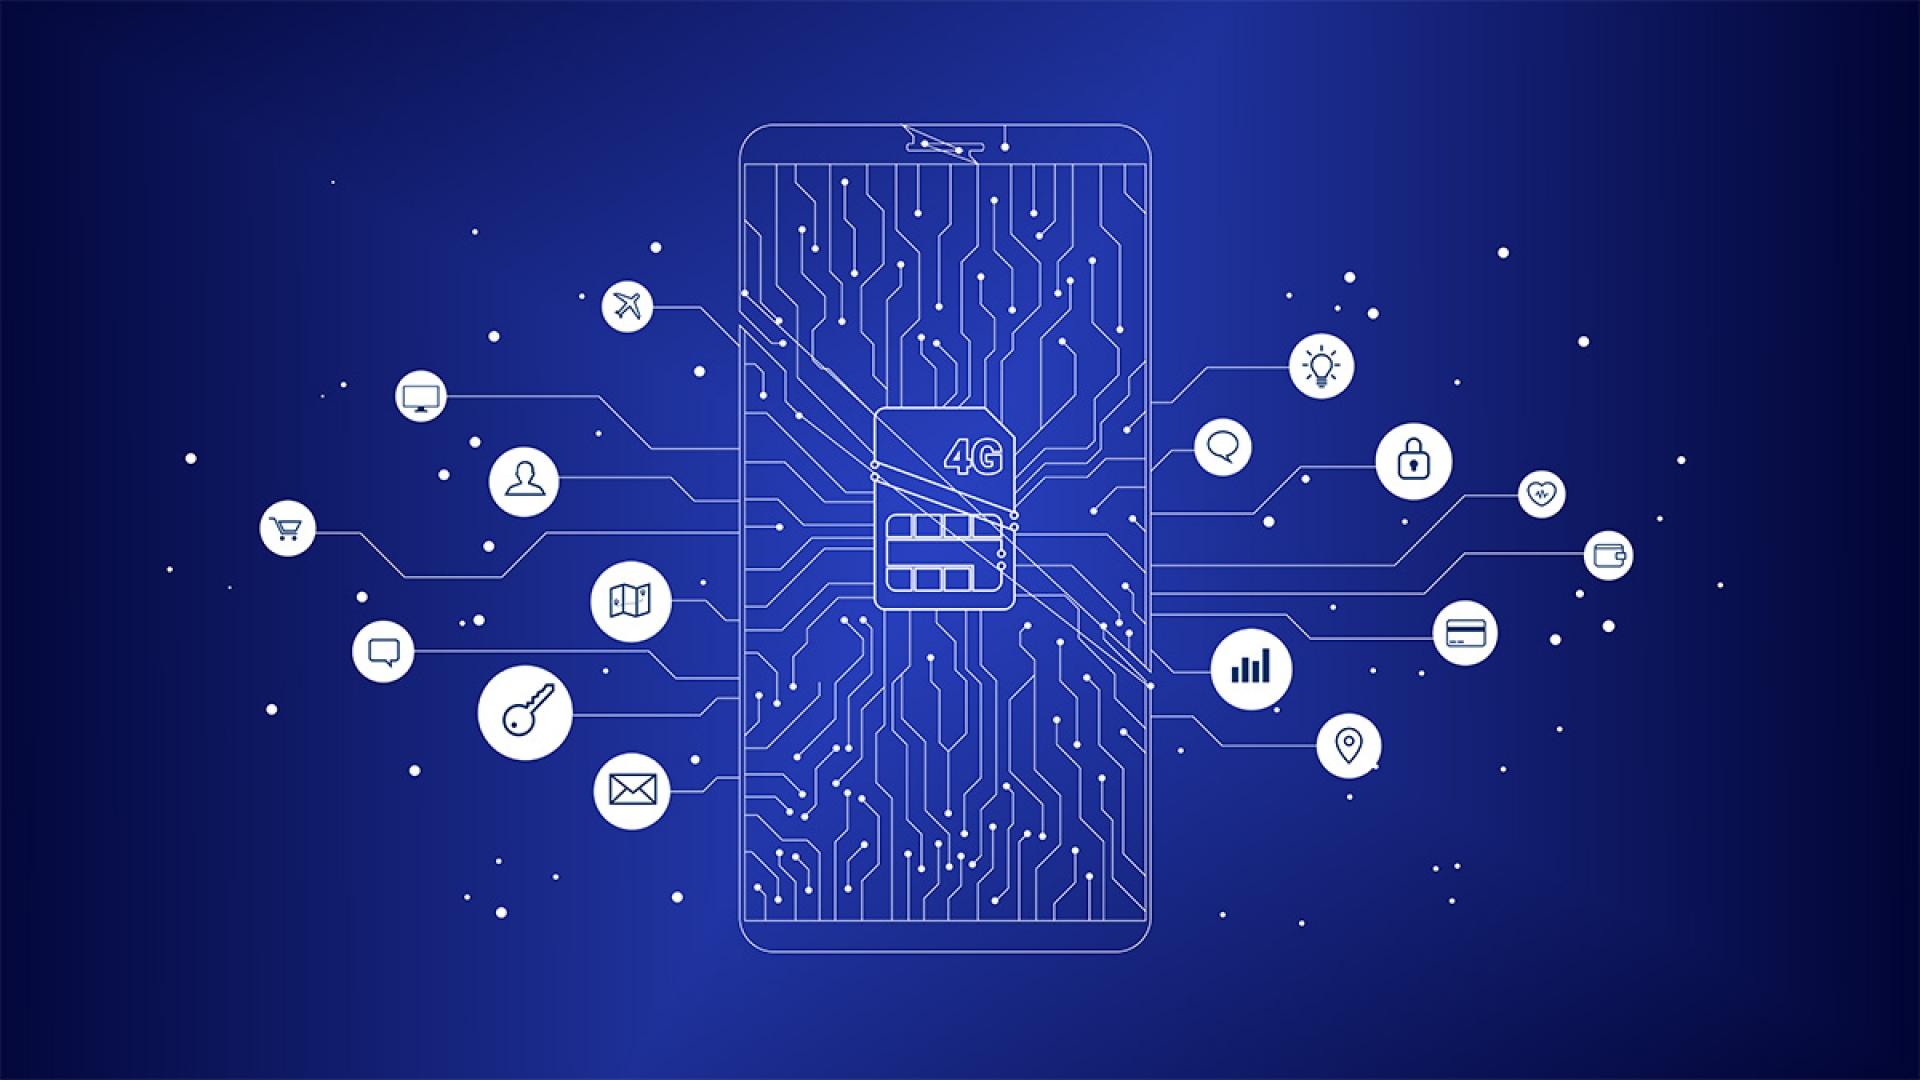 AKGÜN, NAHÇIVAN'DA BİR İLKİ GERÇEKLEŞTİRDİĞİ NAXTEL 4G GSM OPERATÖRÜ PROJESİ İLE FAALİYET ALANLARINA BİR YENİSİNİ DAHA EKLEDİ